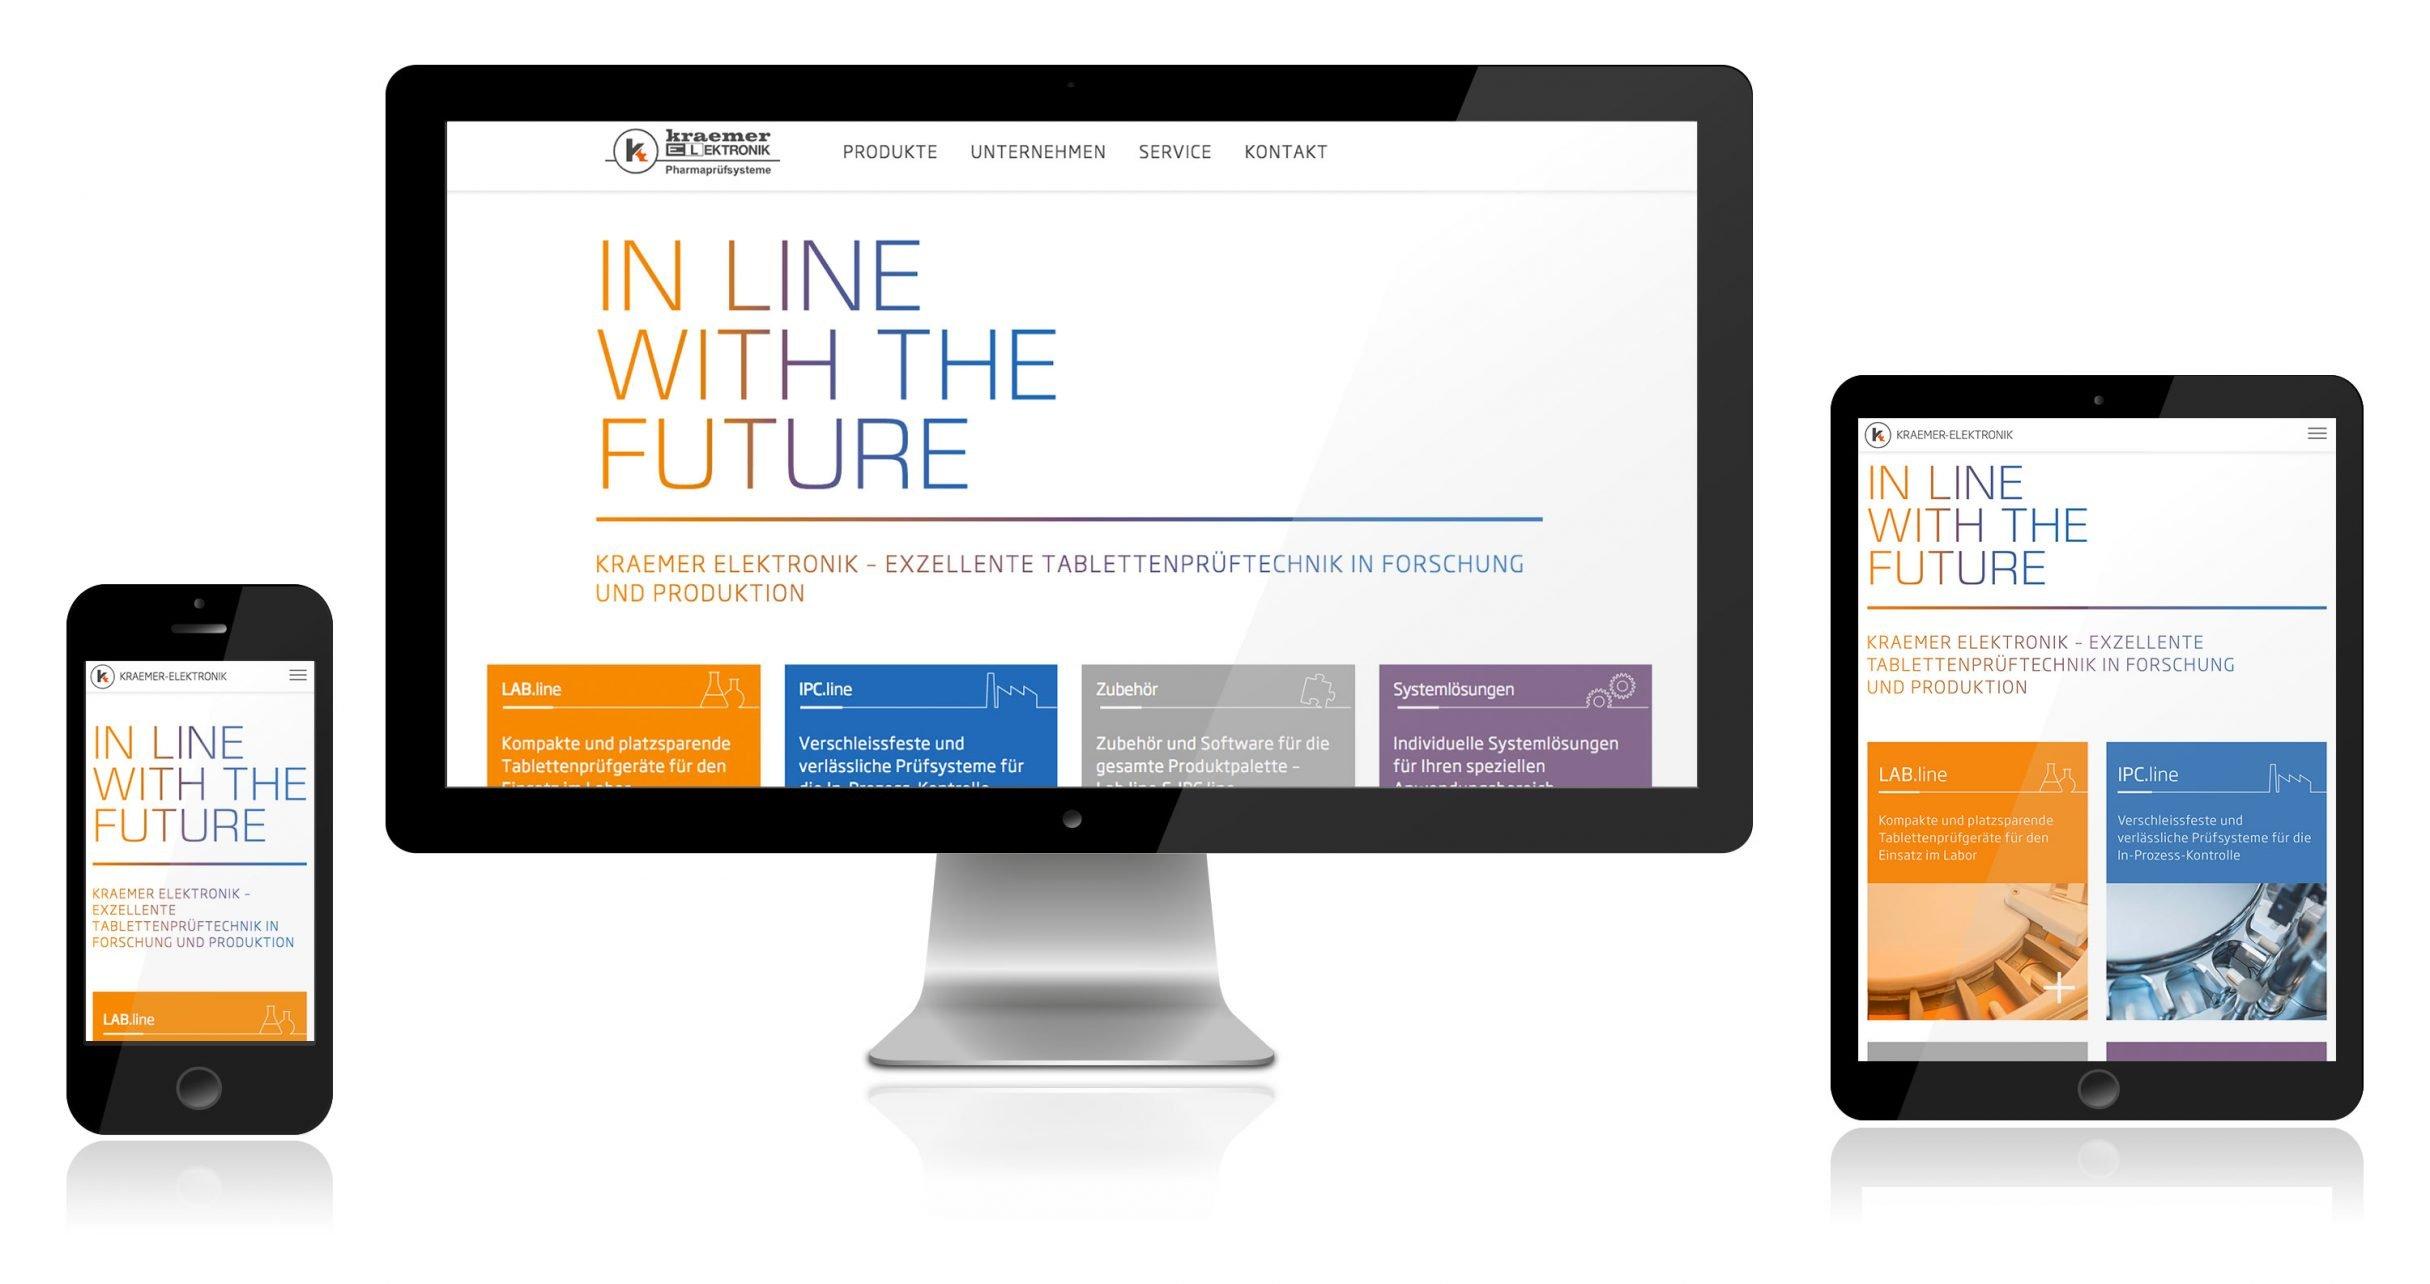 Corporate Website, Responsive Webdesign für Kraemer Elektronik: DIE NEUDENKER® Agentur, Darmstadt